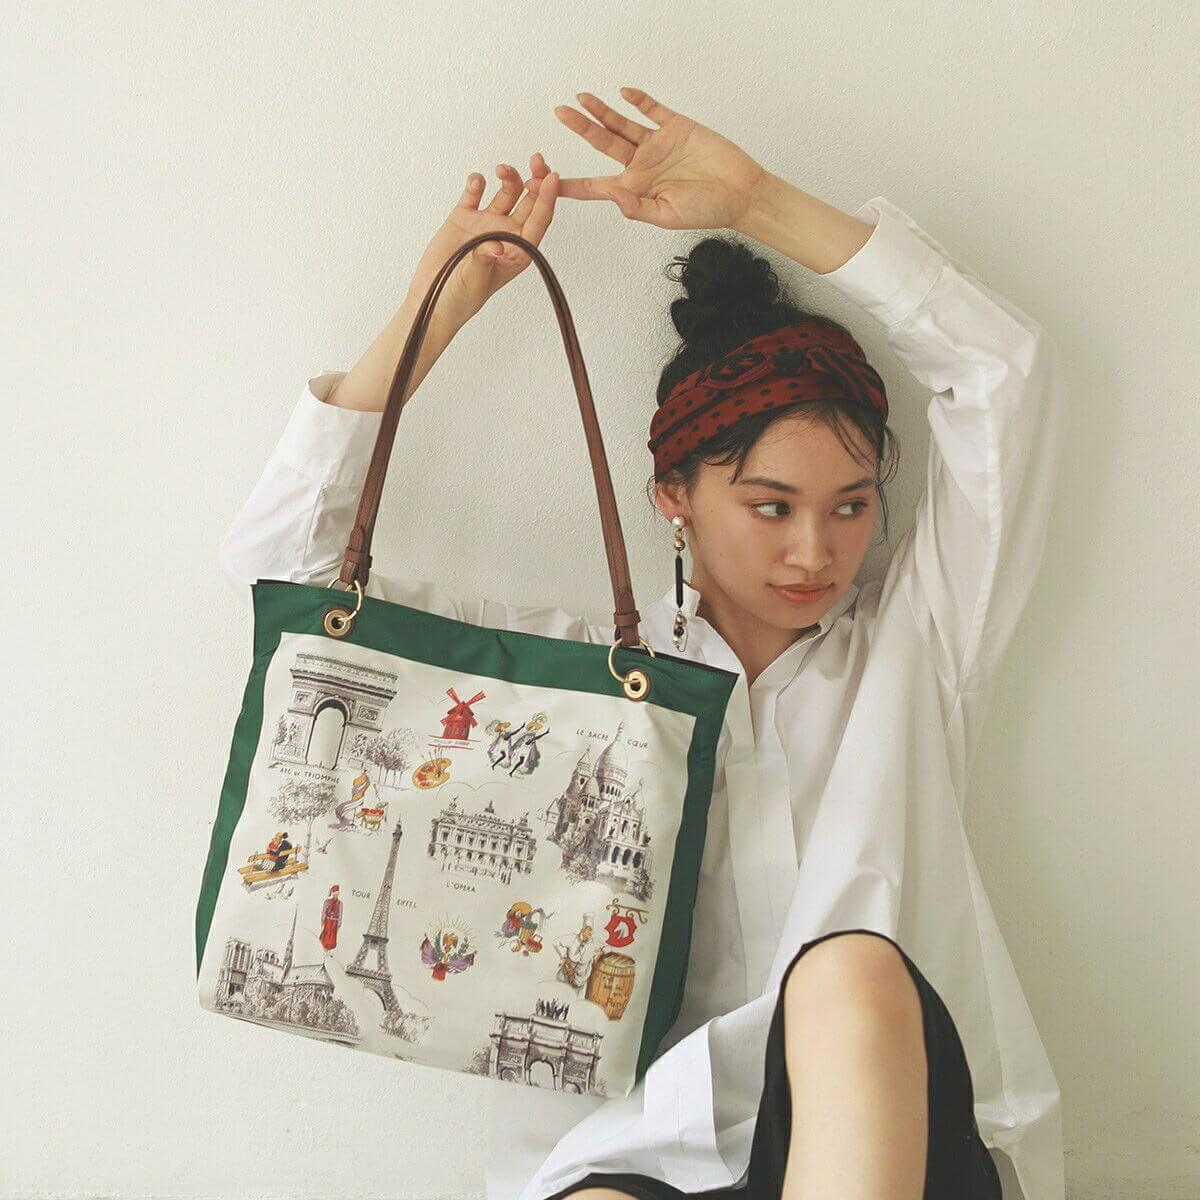 【公式】[トプカピ トレジャー] TOPKAPI TREASURE スカーフ パネル柄 トート バッグ